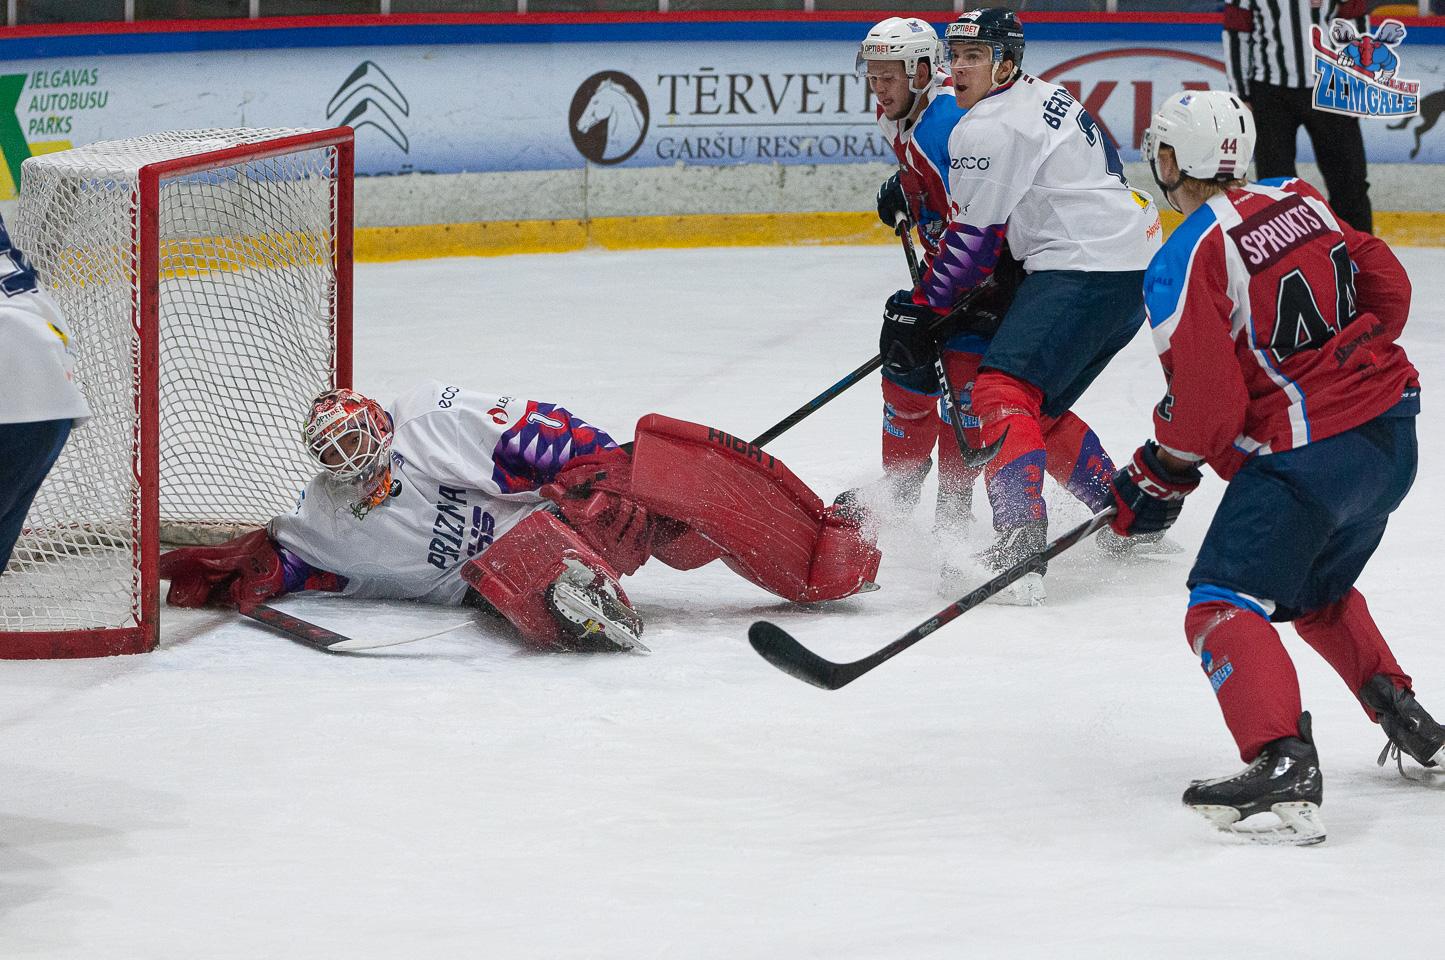 Hokeja vārtsargs guļ vārtu priekšā kamēr citi cīnās vārtu priekšā